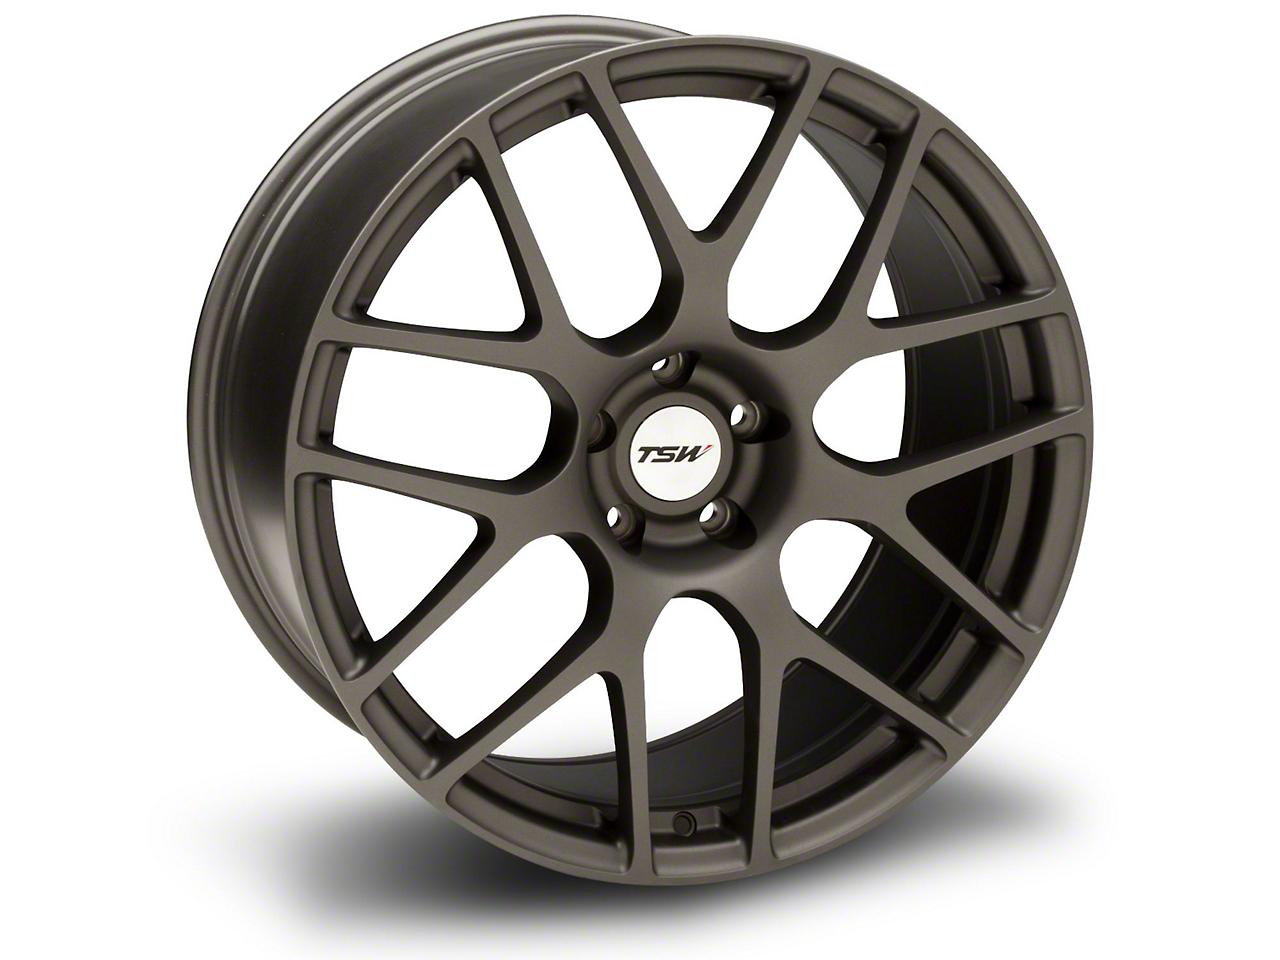 TSW Nurburgring Matte Gunmetal Wheel - 20x10 (05-14 All)